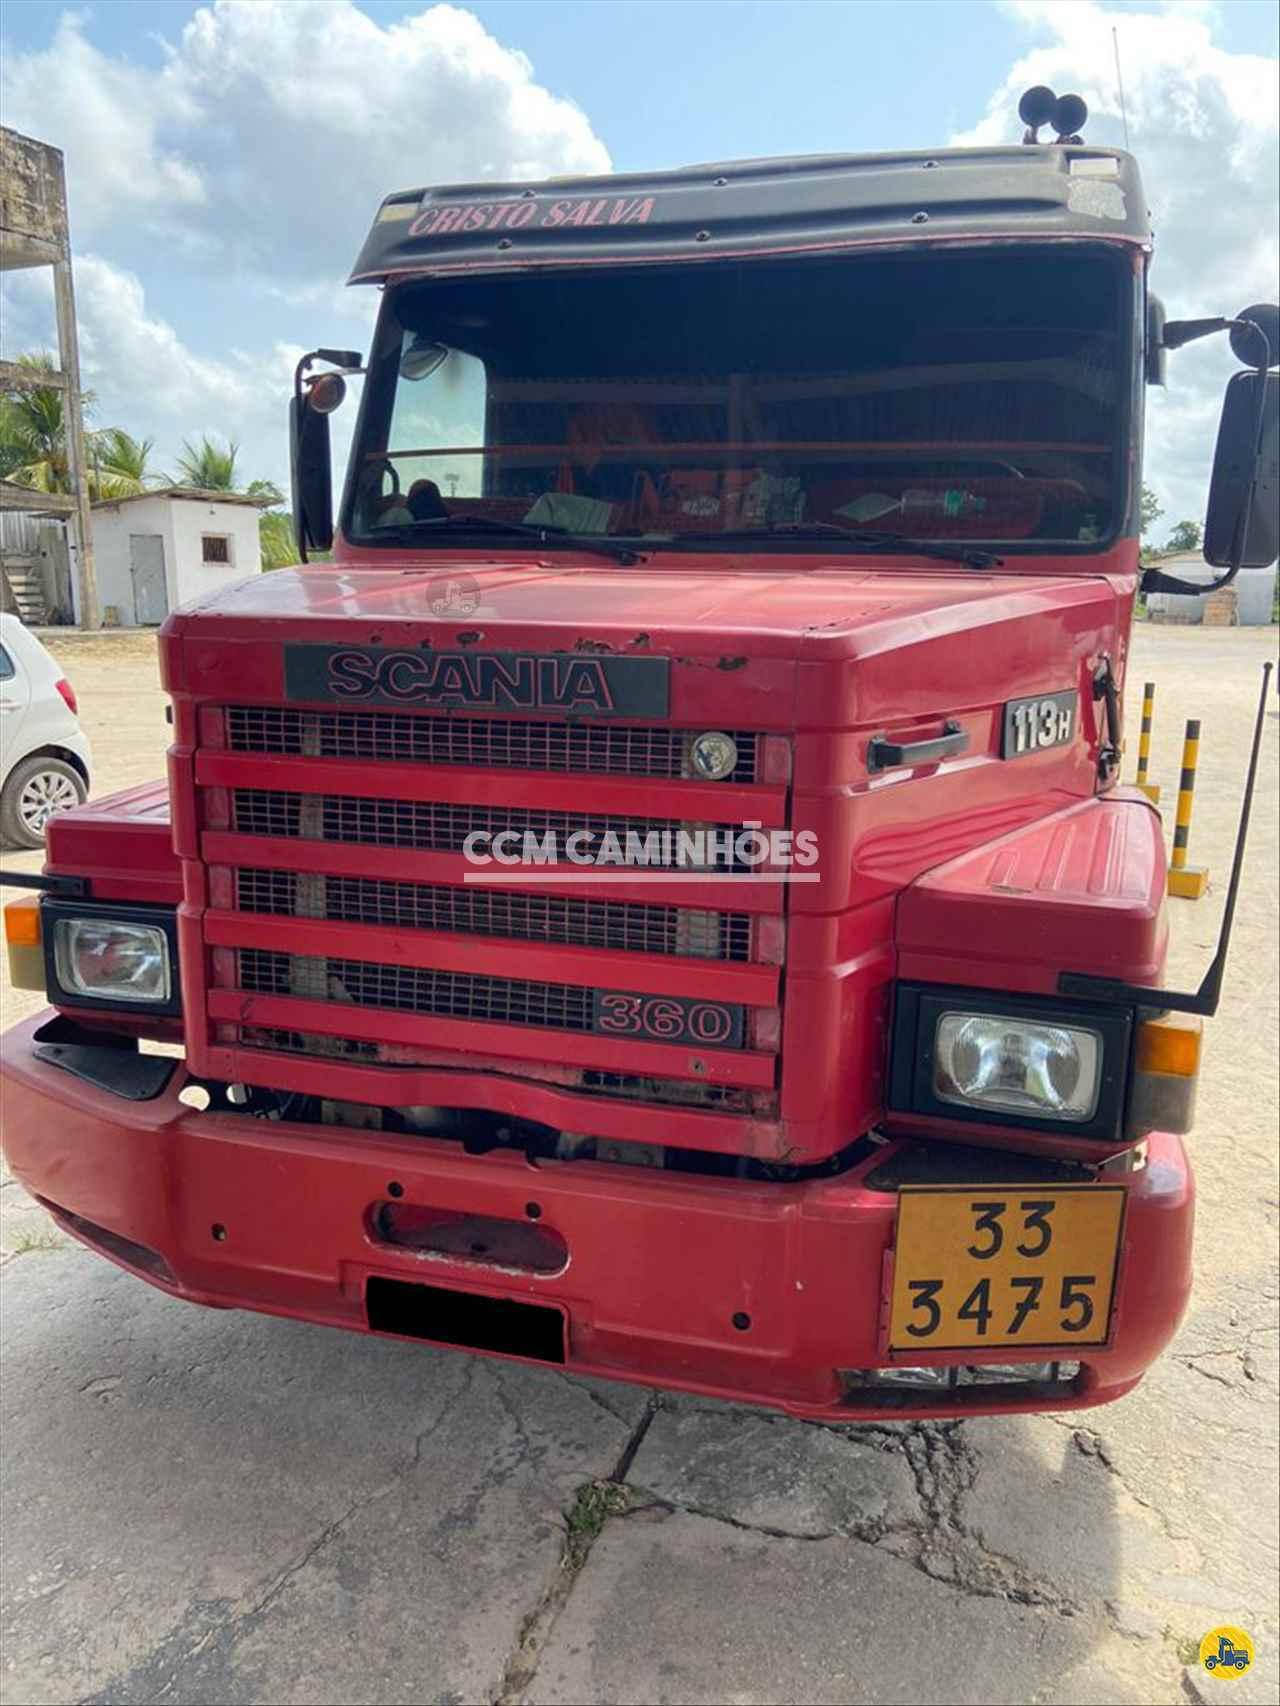 SCANIA 113 360 de CCM Caminhões - GOIANIA/GO